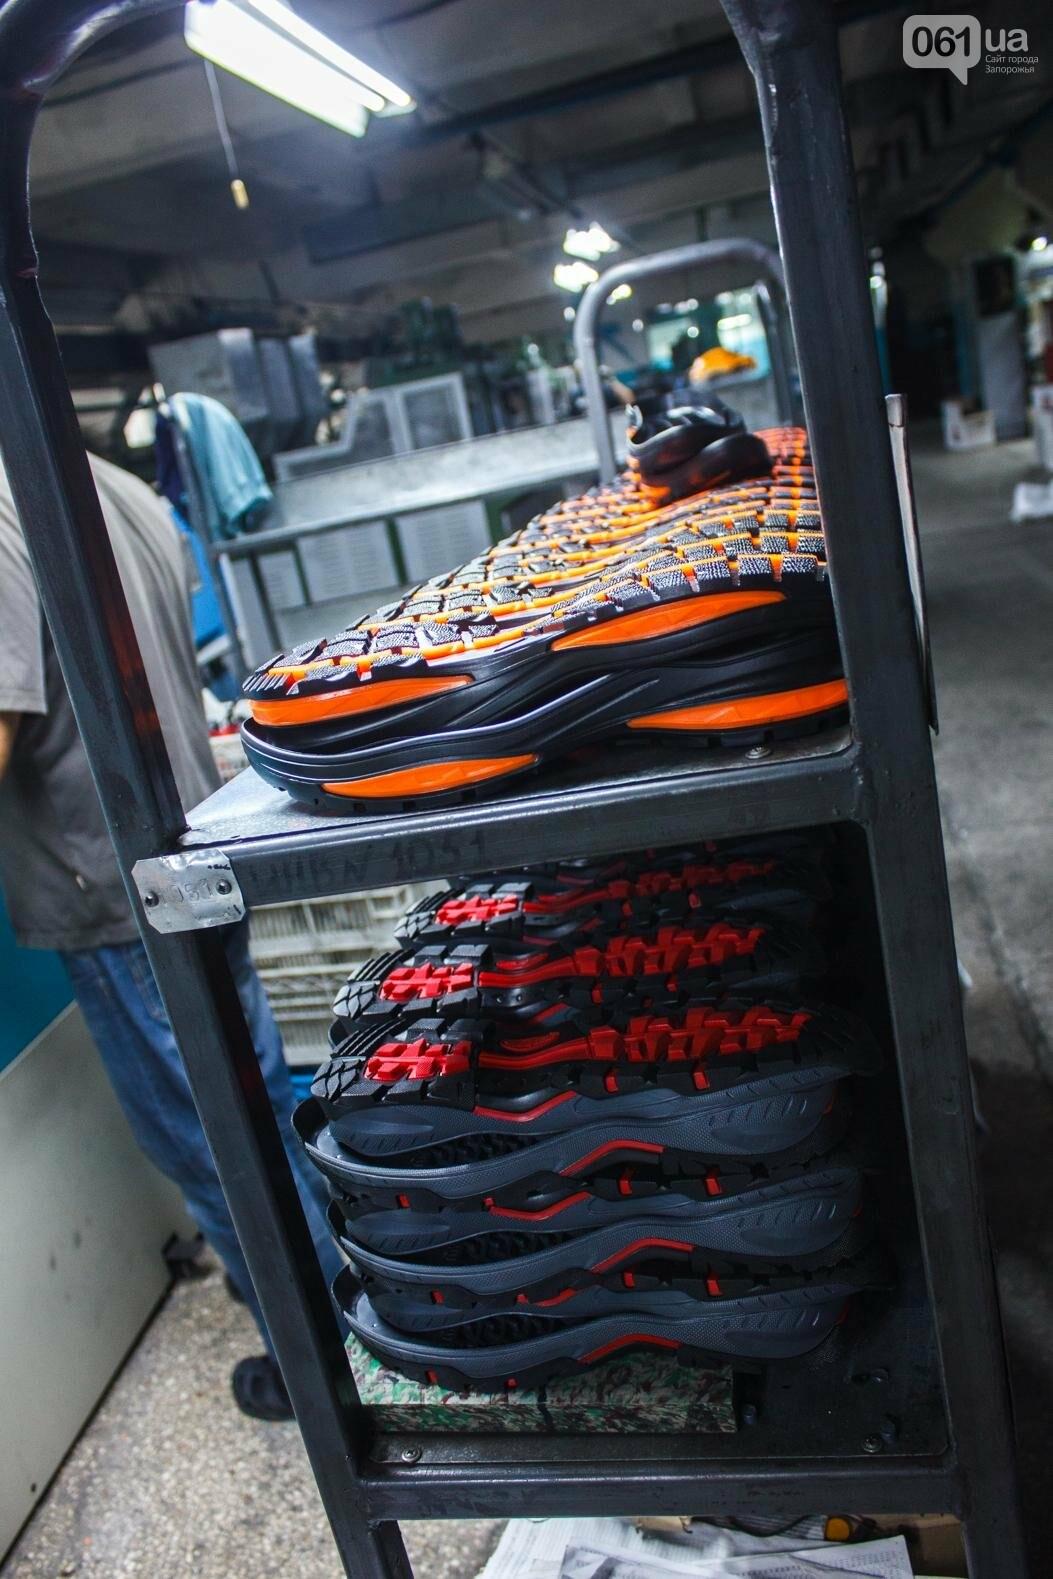 Как создается обувь: экскурсия на запорожскую обувную фабрику, – ФОТОРЕПОРТАЖ, фото-28